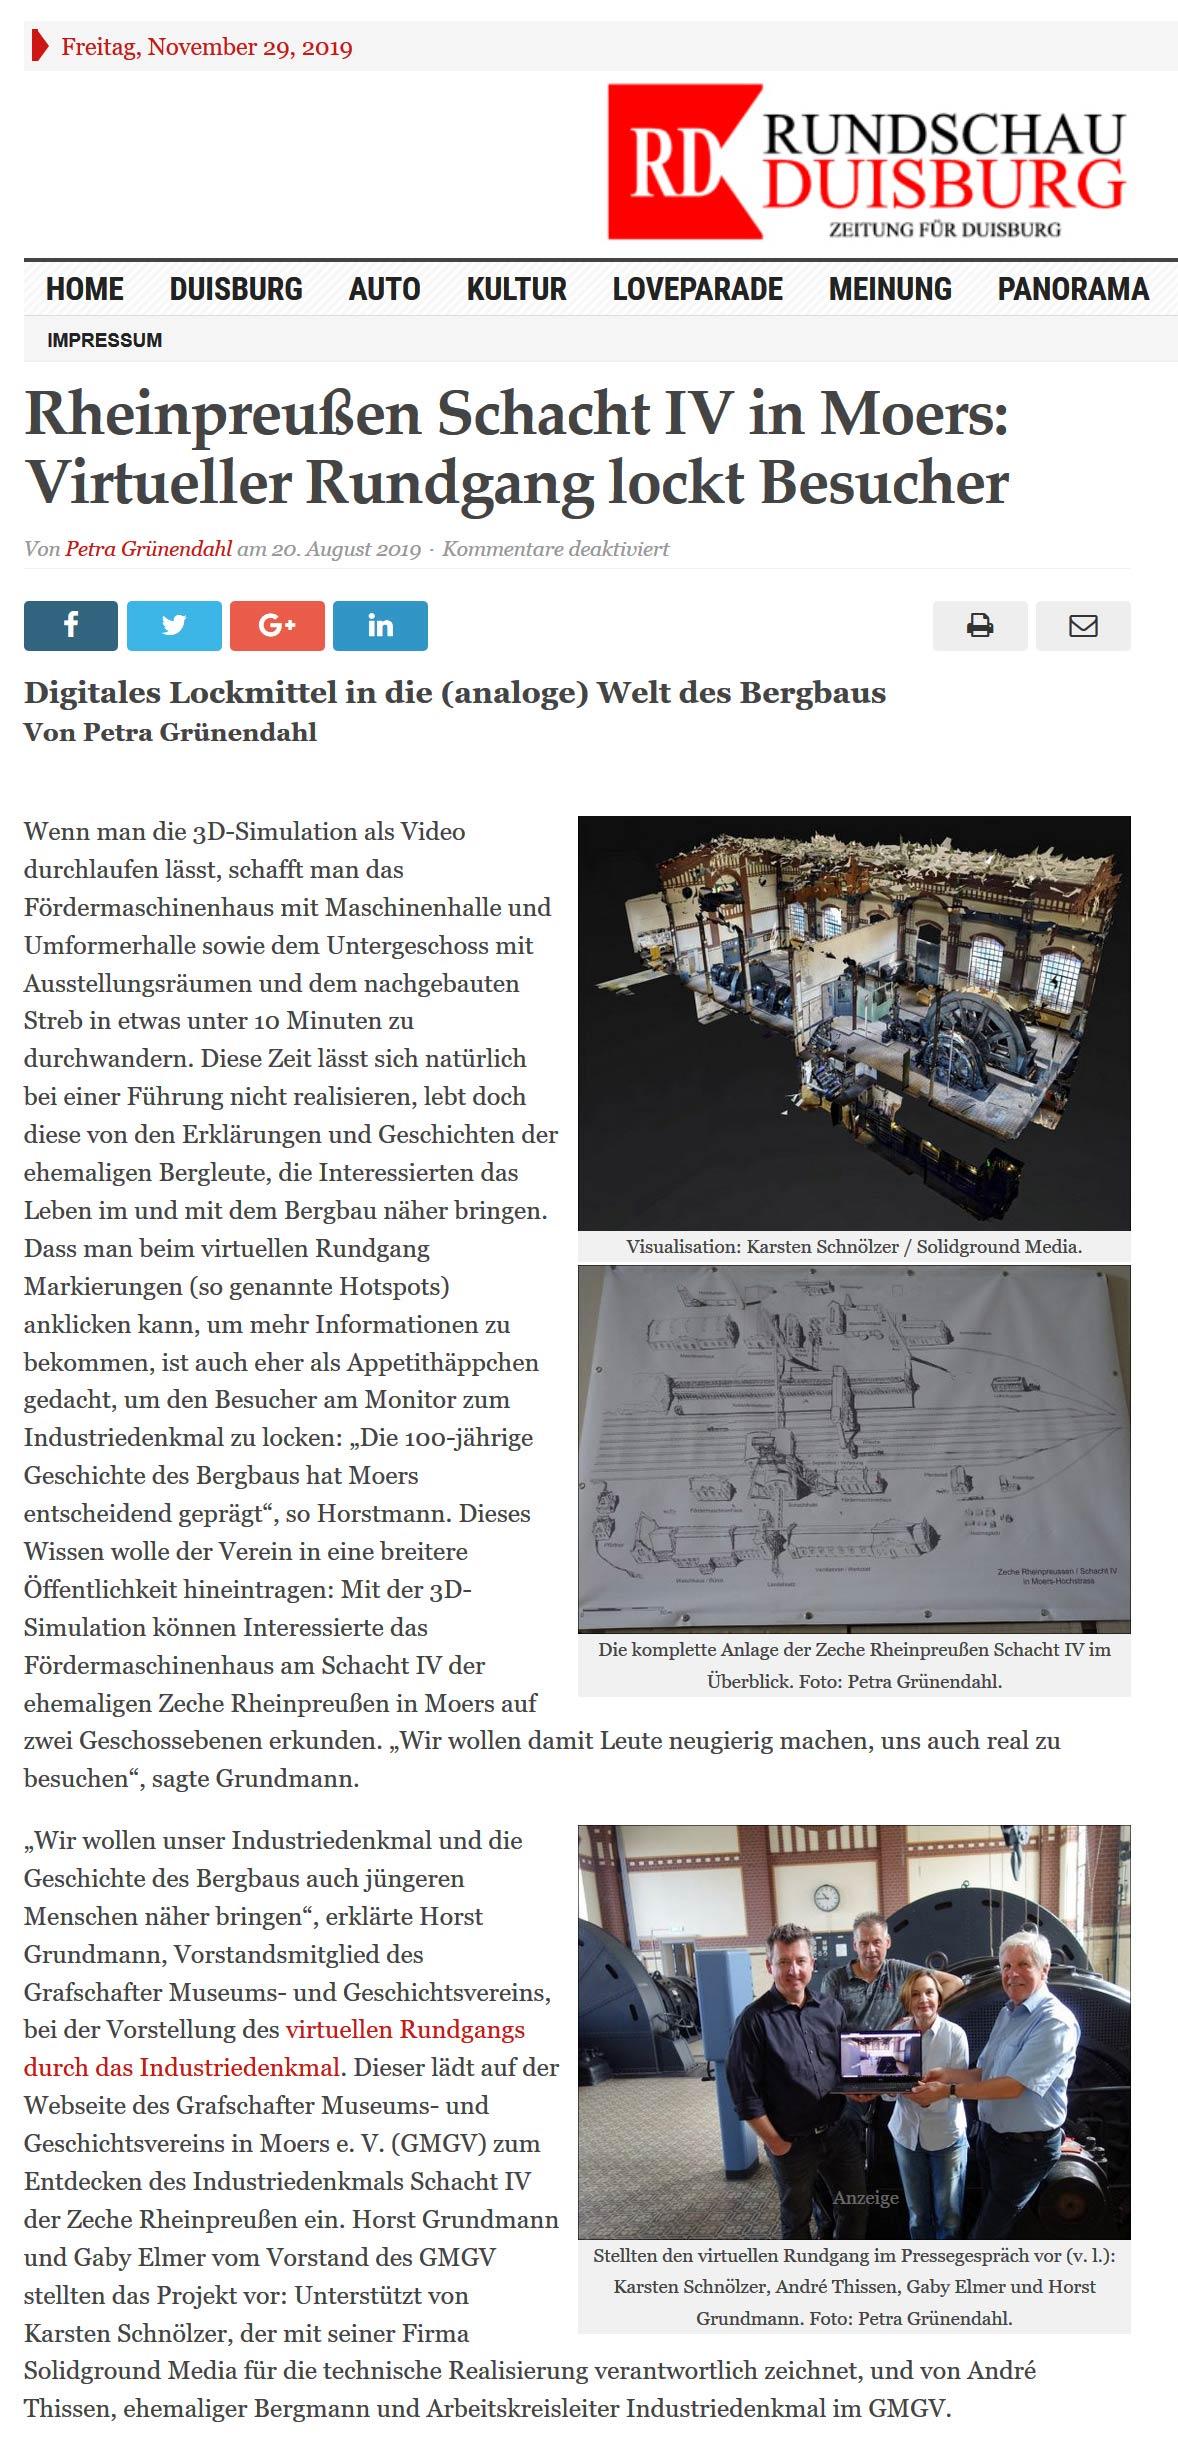 Presseartikel der Rundschau Duisburg